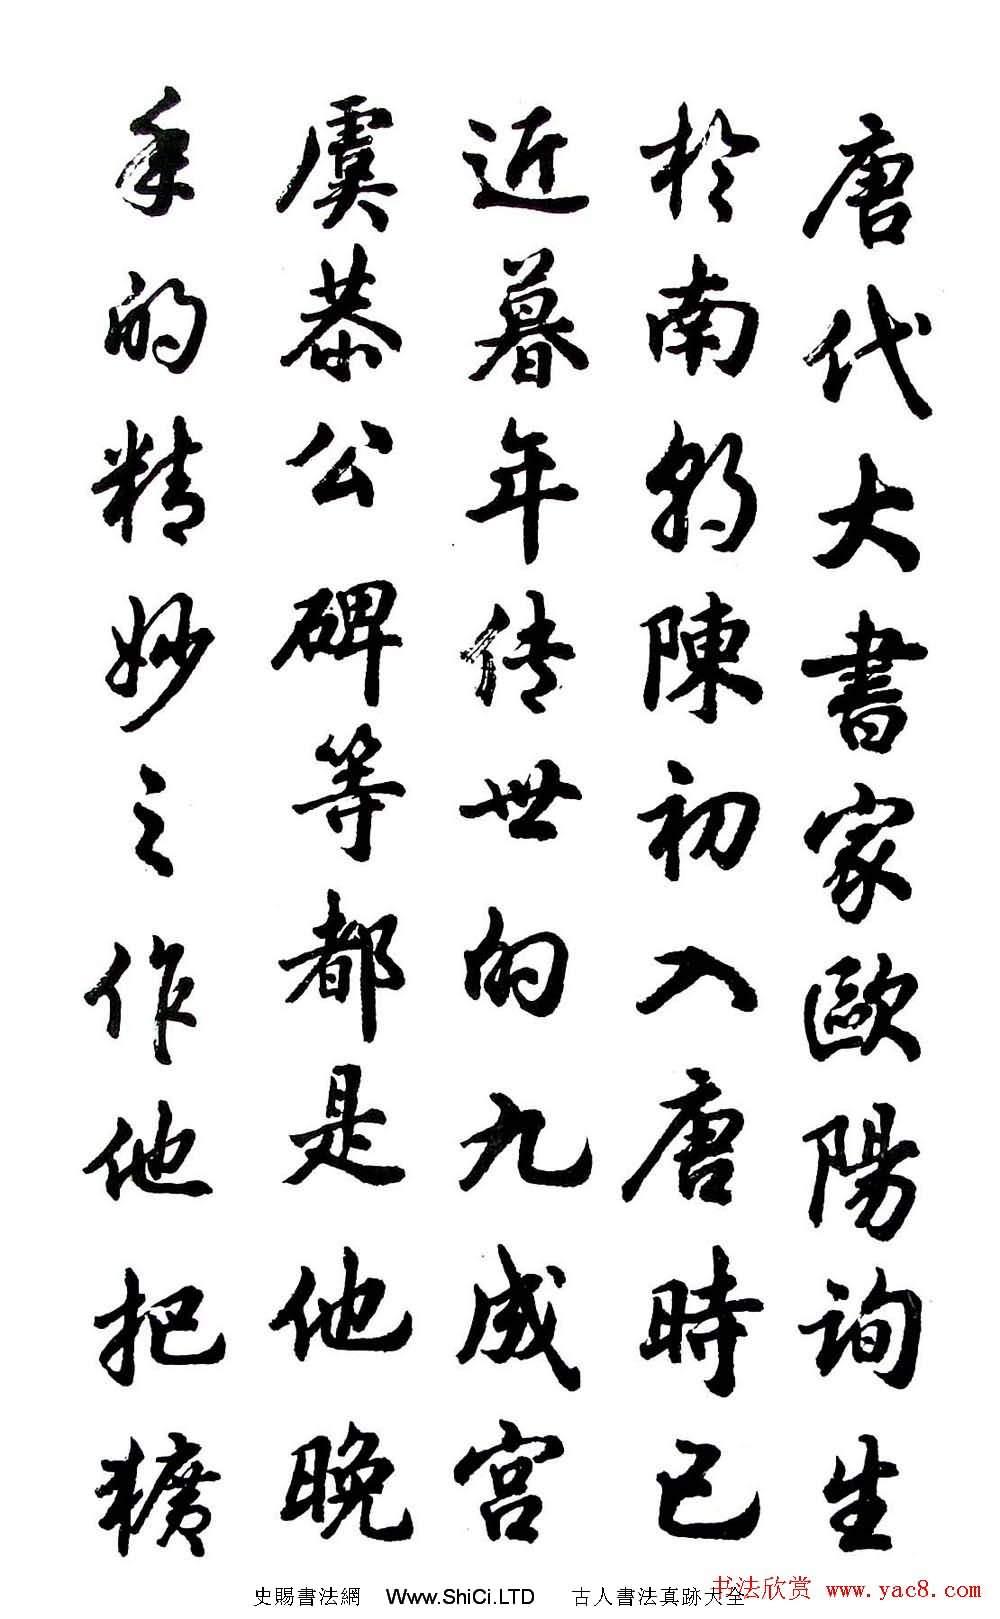 胡問遂行書字帖《歐陽詢介紹》(共13張圖片)